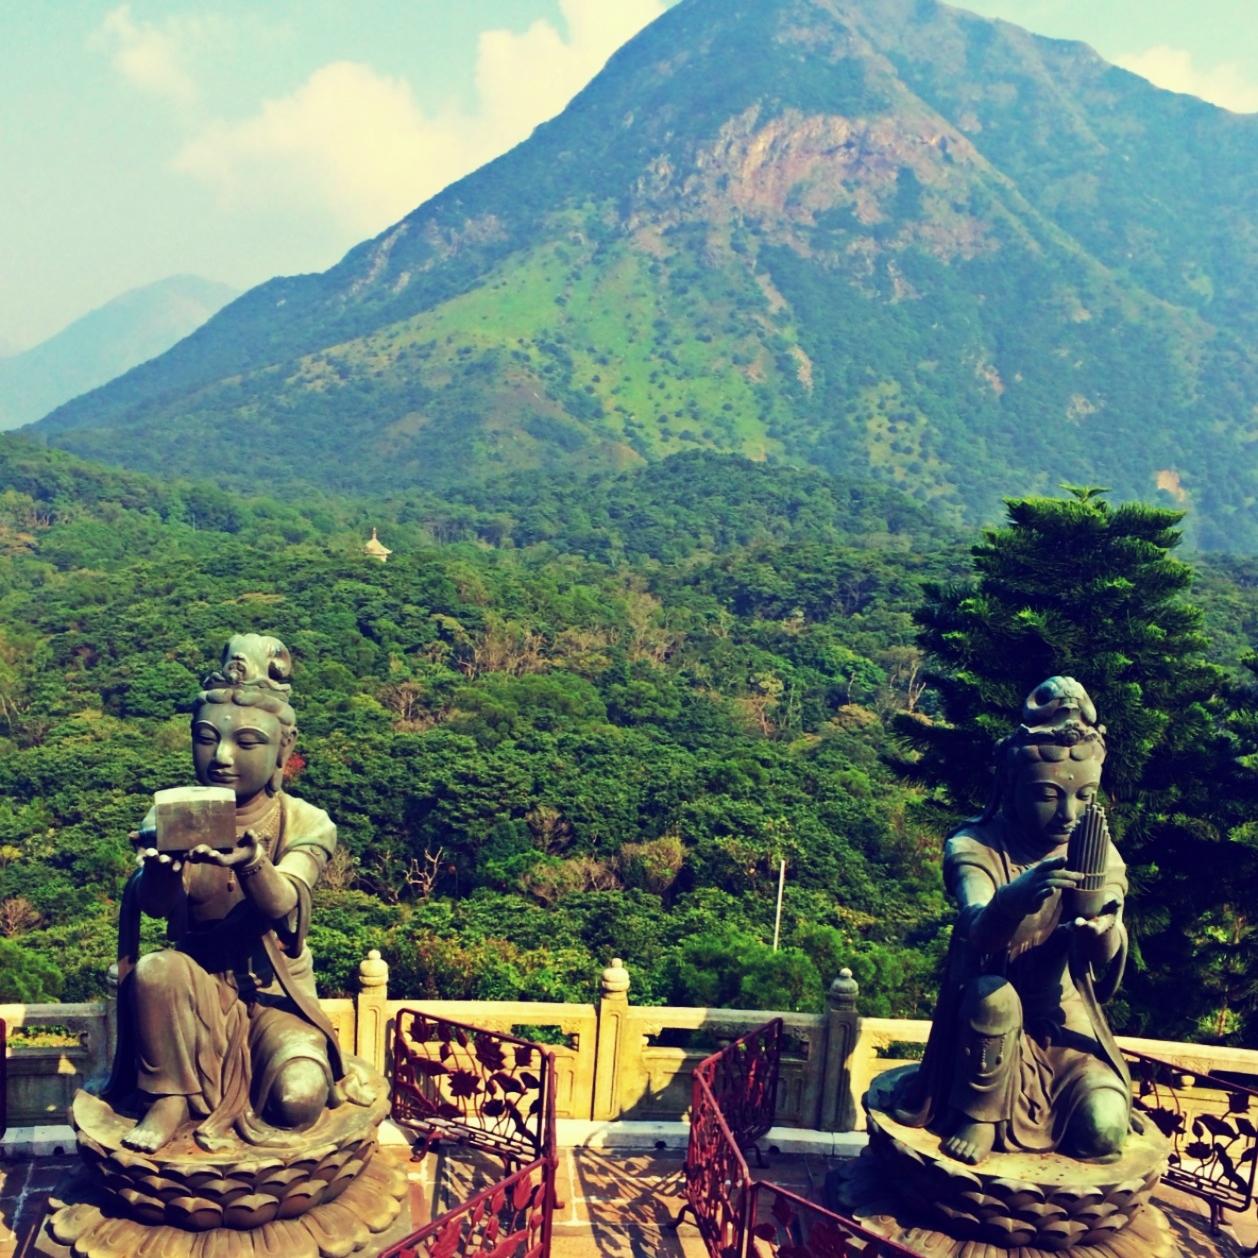 Lantau Island's Tian Tian Buddha 2 Days in Hong Kong